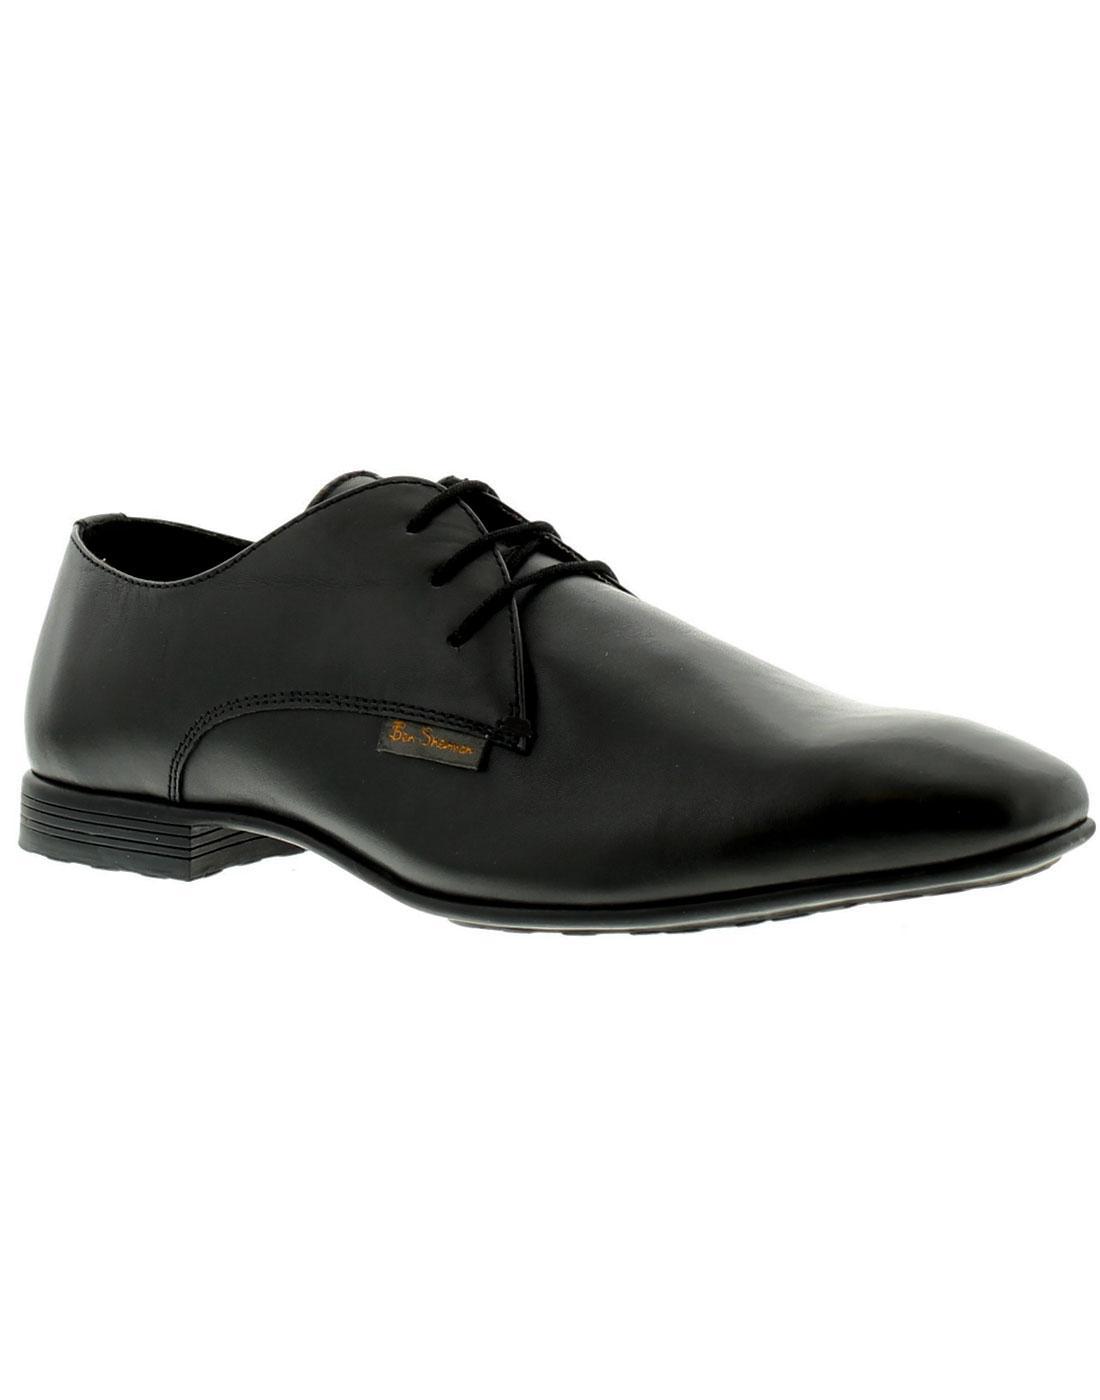 ben sherman black leather shoes